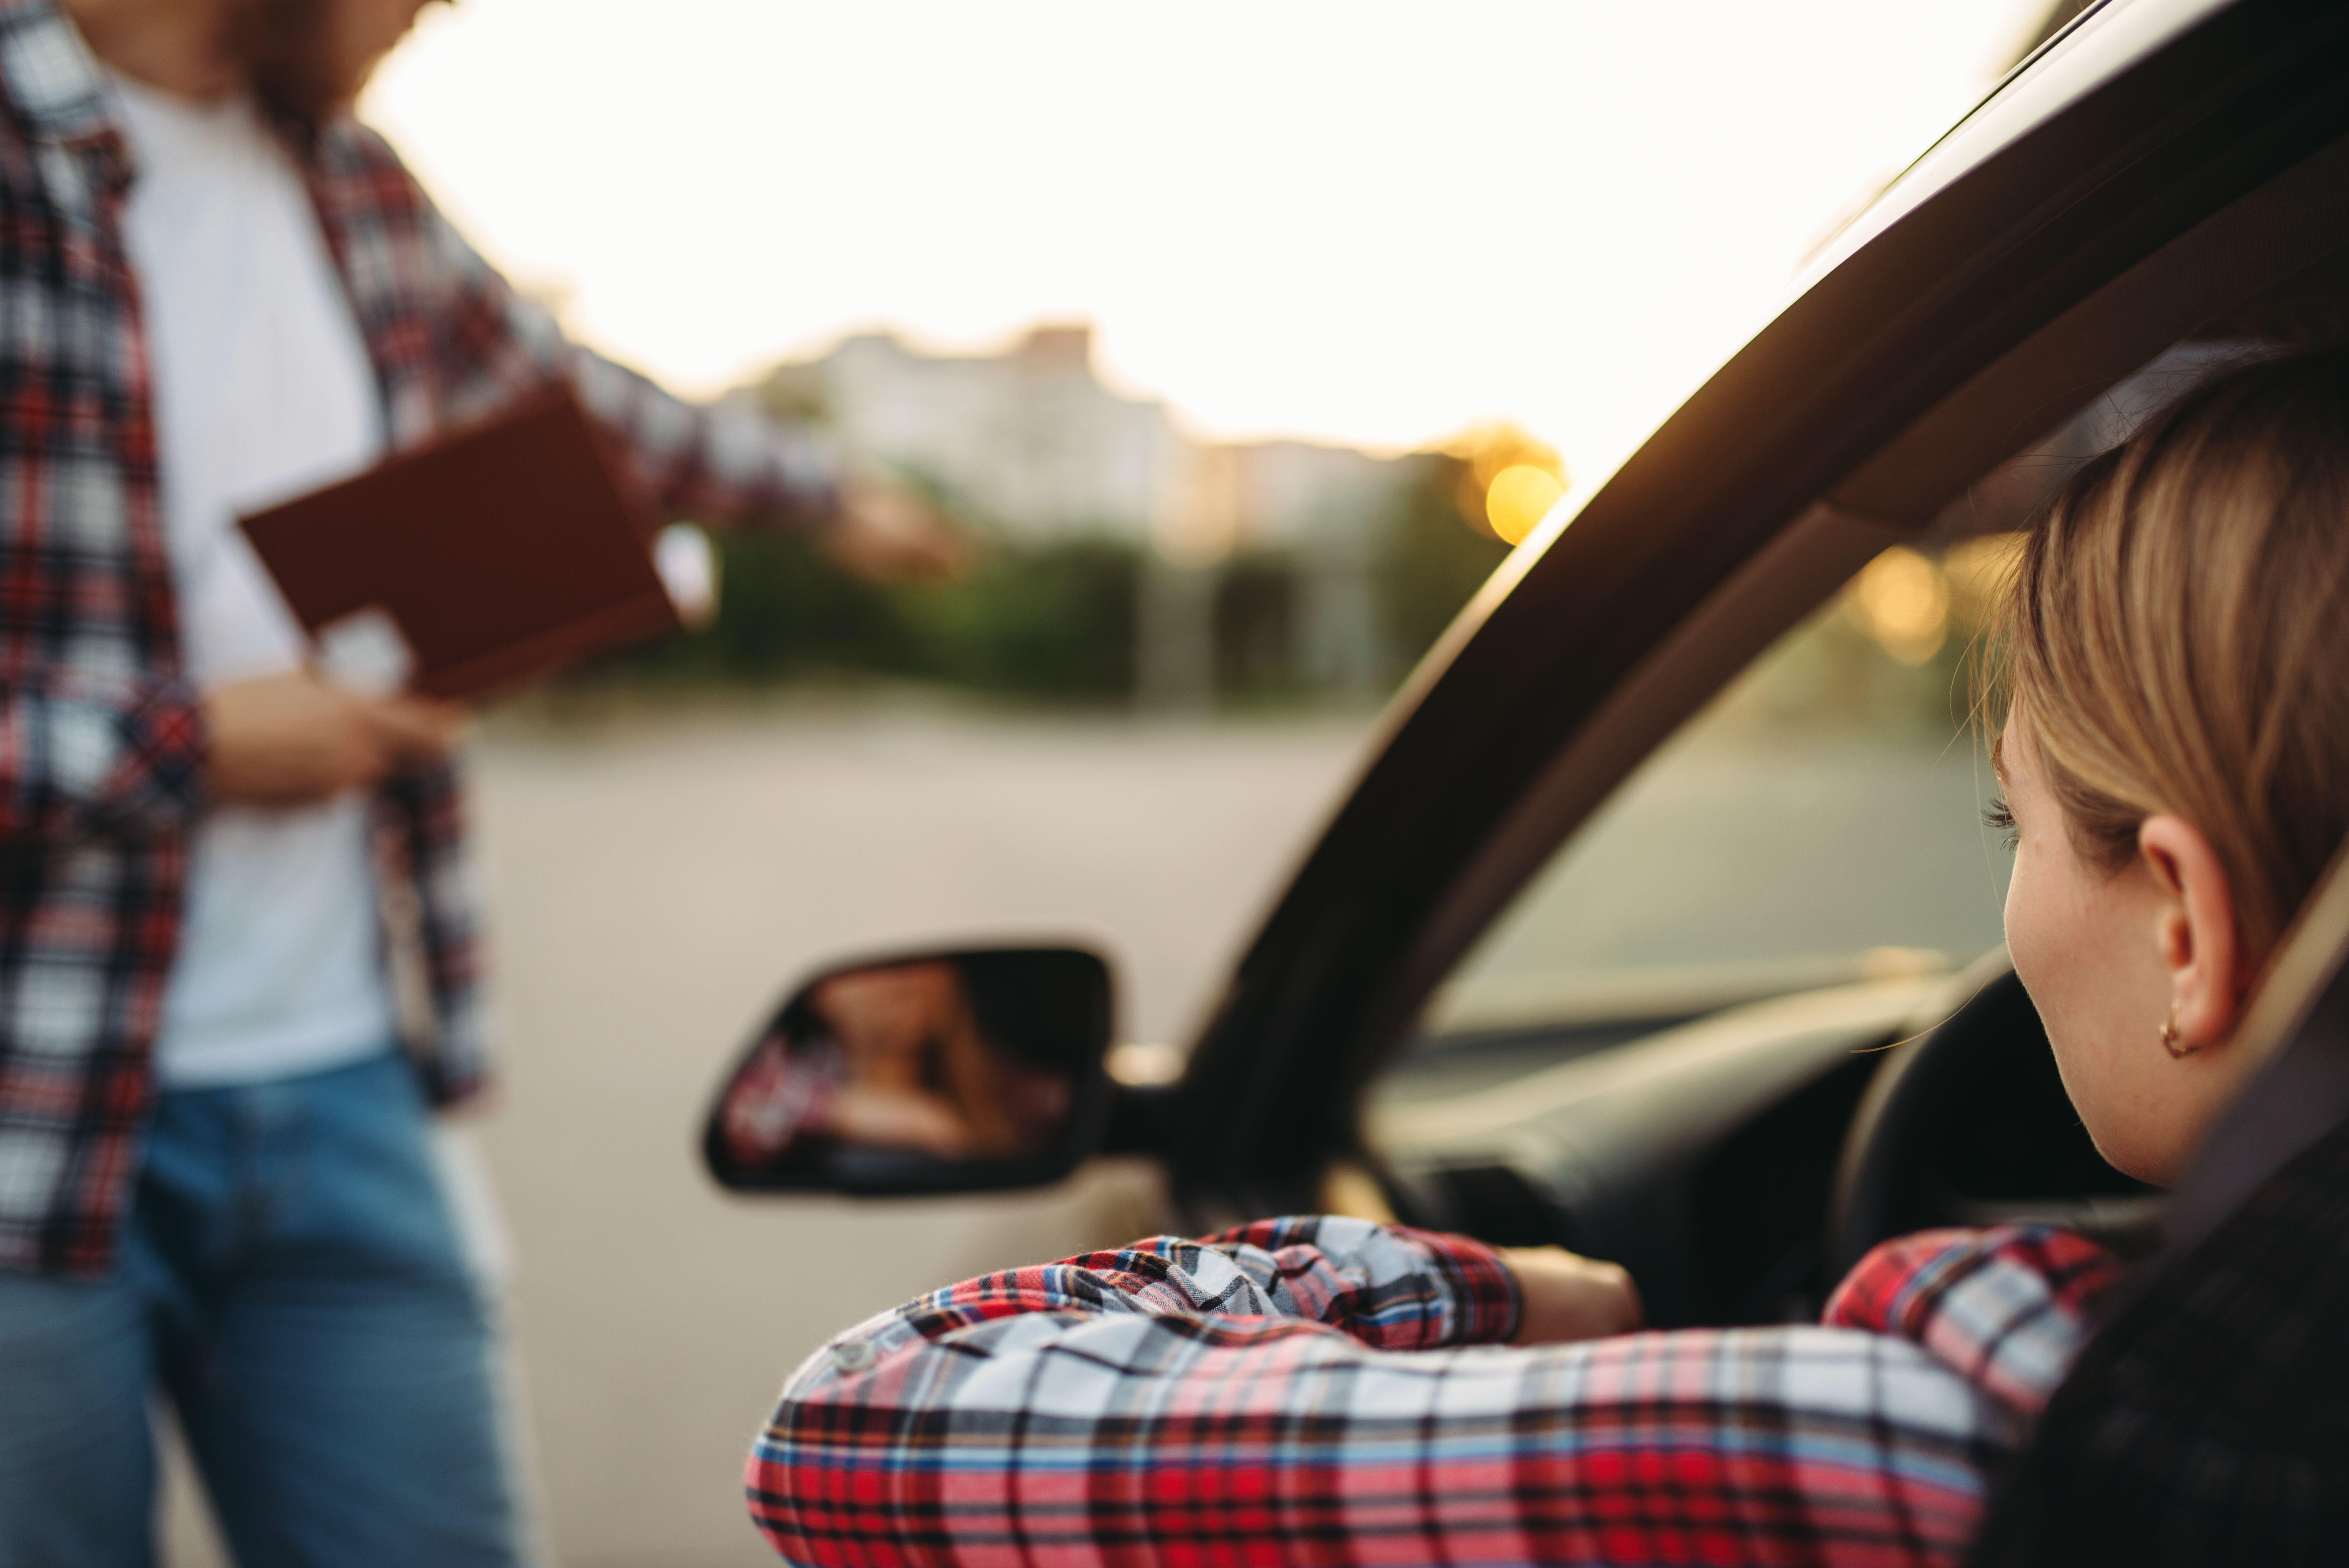 ENDELIG: Når du er 18 år, kan du ta lappen på personbil. Men allerede fra fylte 16 år kan du øvelseskjøre, så lenge du har tatt trafikalt grunnkurs. Foto: Colourbox.